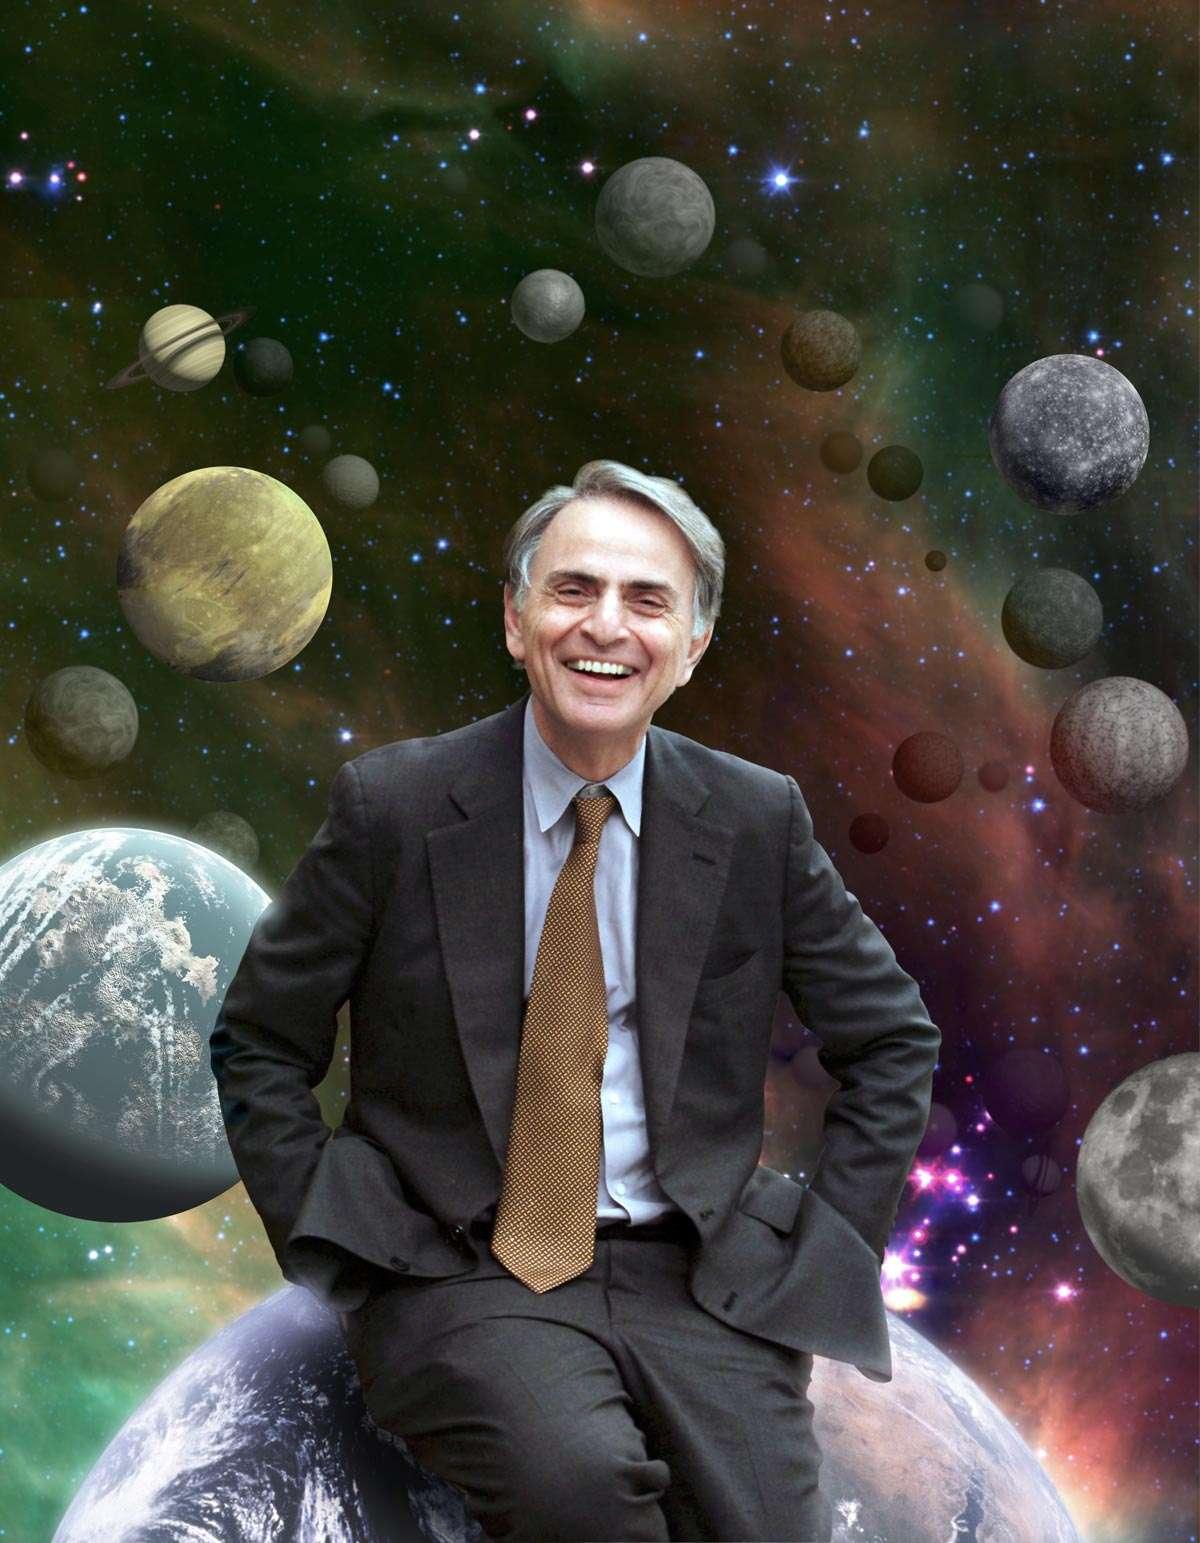 En réalisant la série Cosmos et en fondant le programme Seti, Carl Sagan a réussi une partie de son pari, inspirer les exobiologistes du futur. Il a fait rêver une jeune génération qui est en train de prendre la relève avec Blue Marble Space. © Nasa